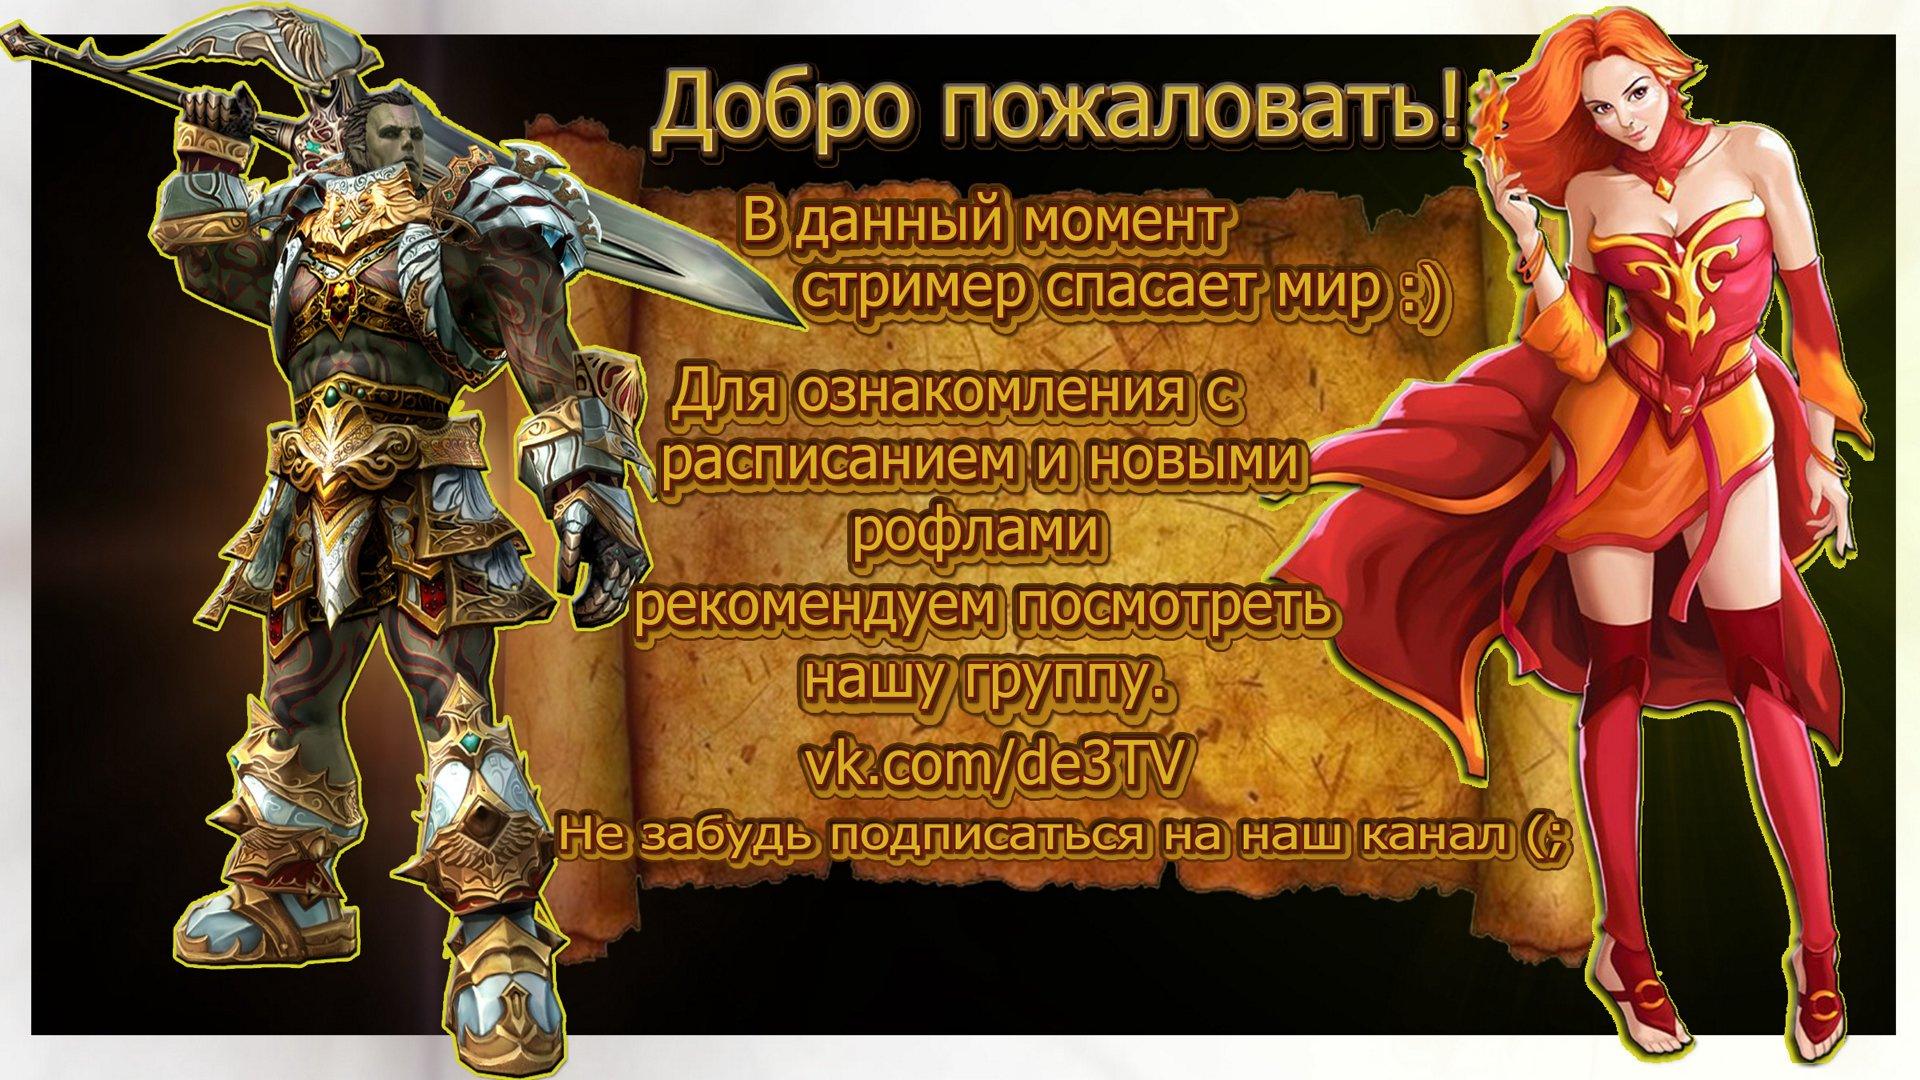 de3tv video banner